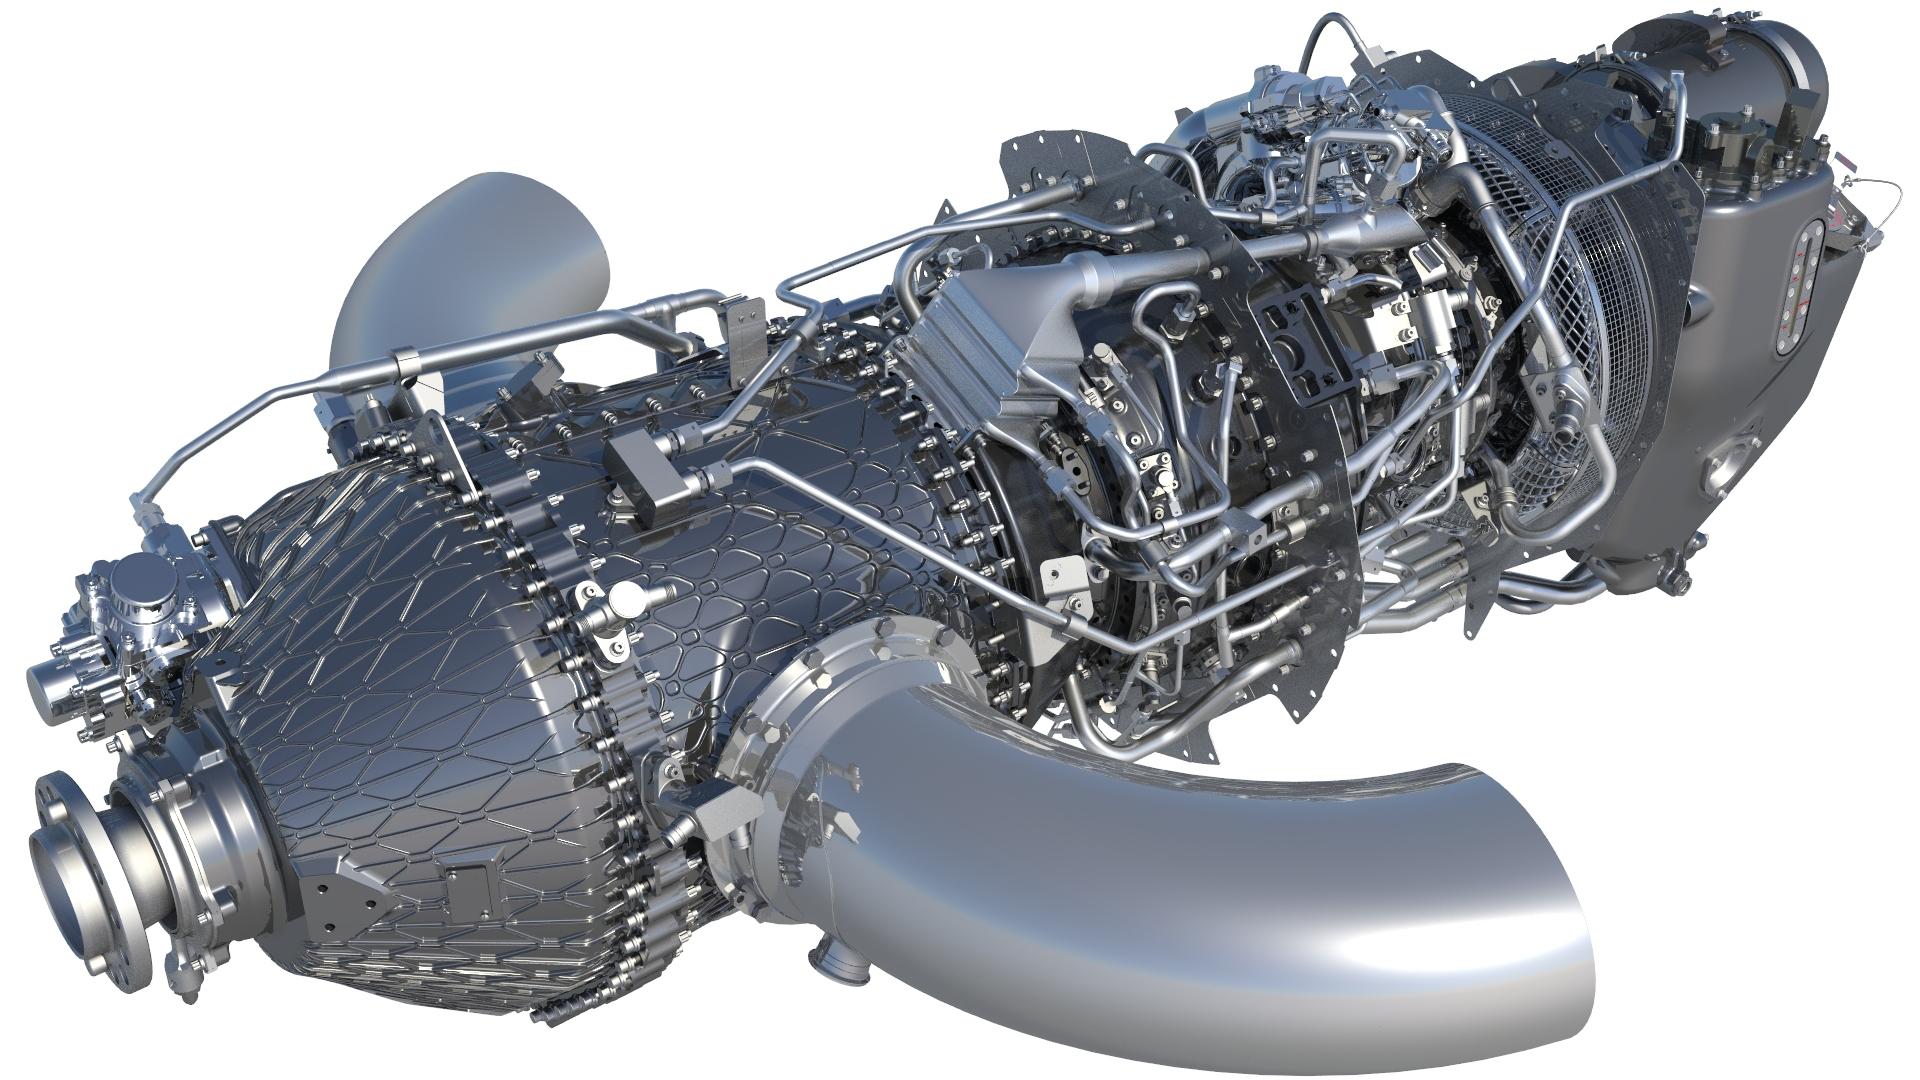 GEのアドバンスド・ターボプロップエンジンがフライトテストに合格